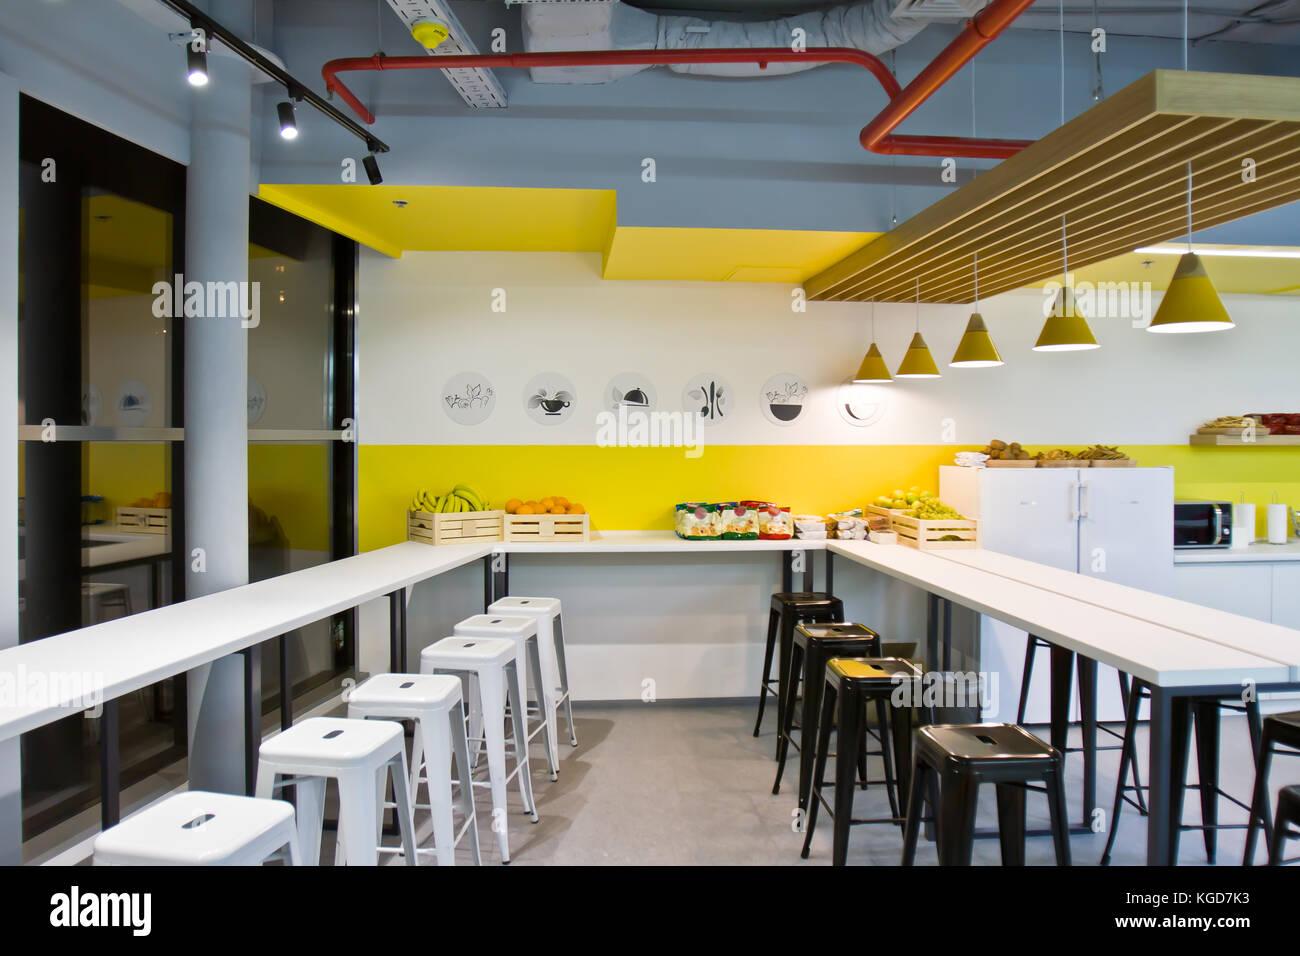 Lujoso comedor, oficina pequeña y moderna cocina de diseño interior ...